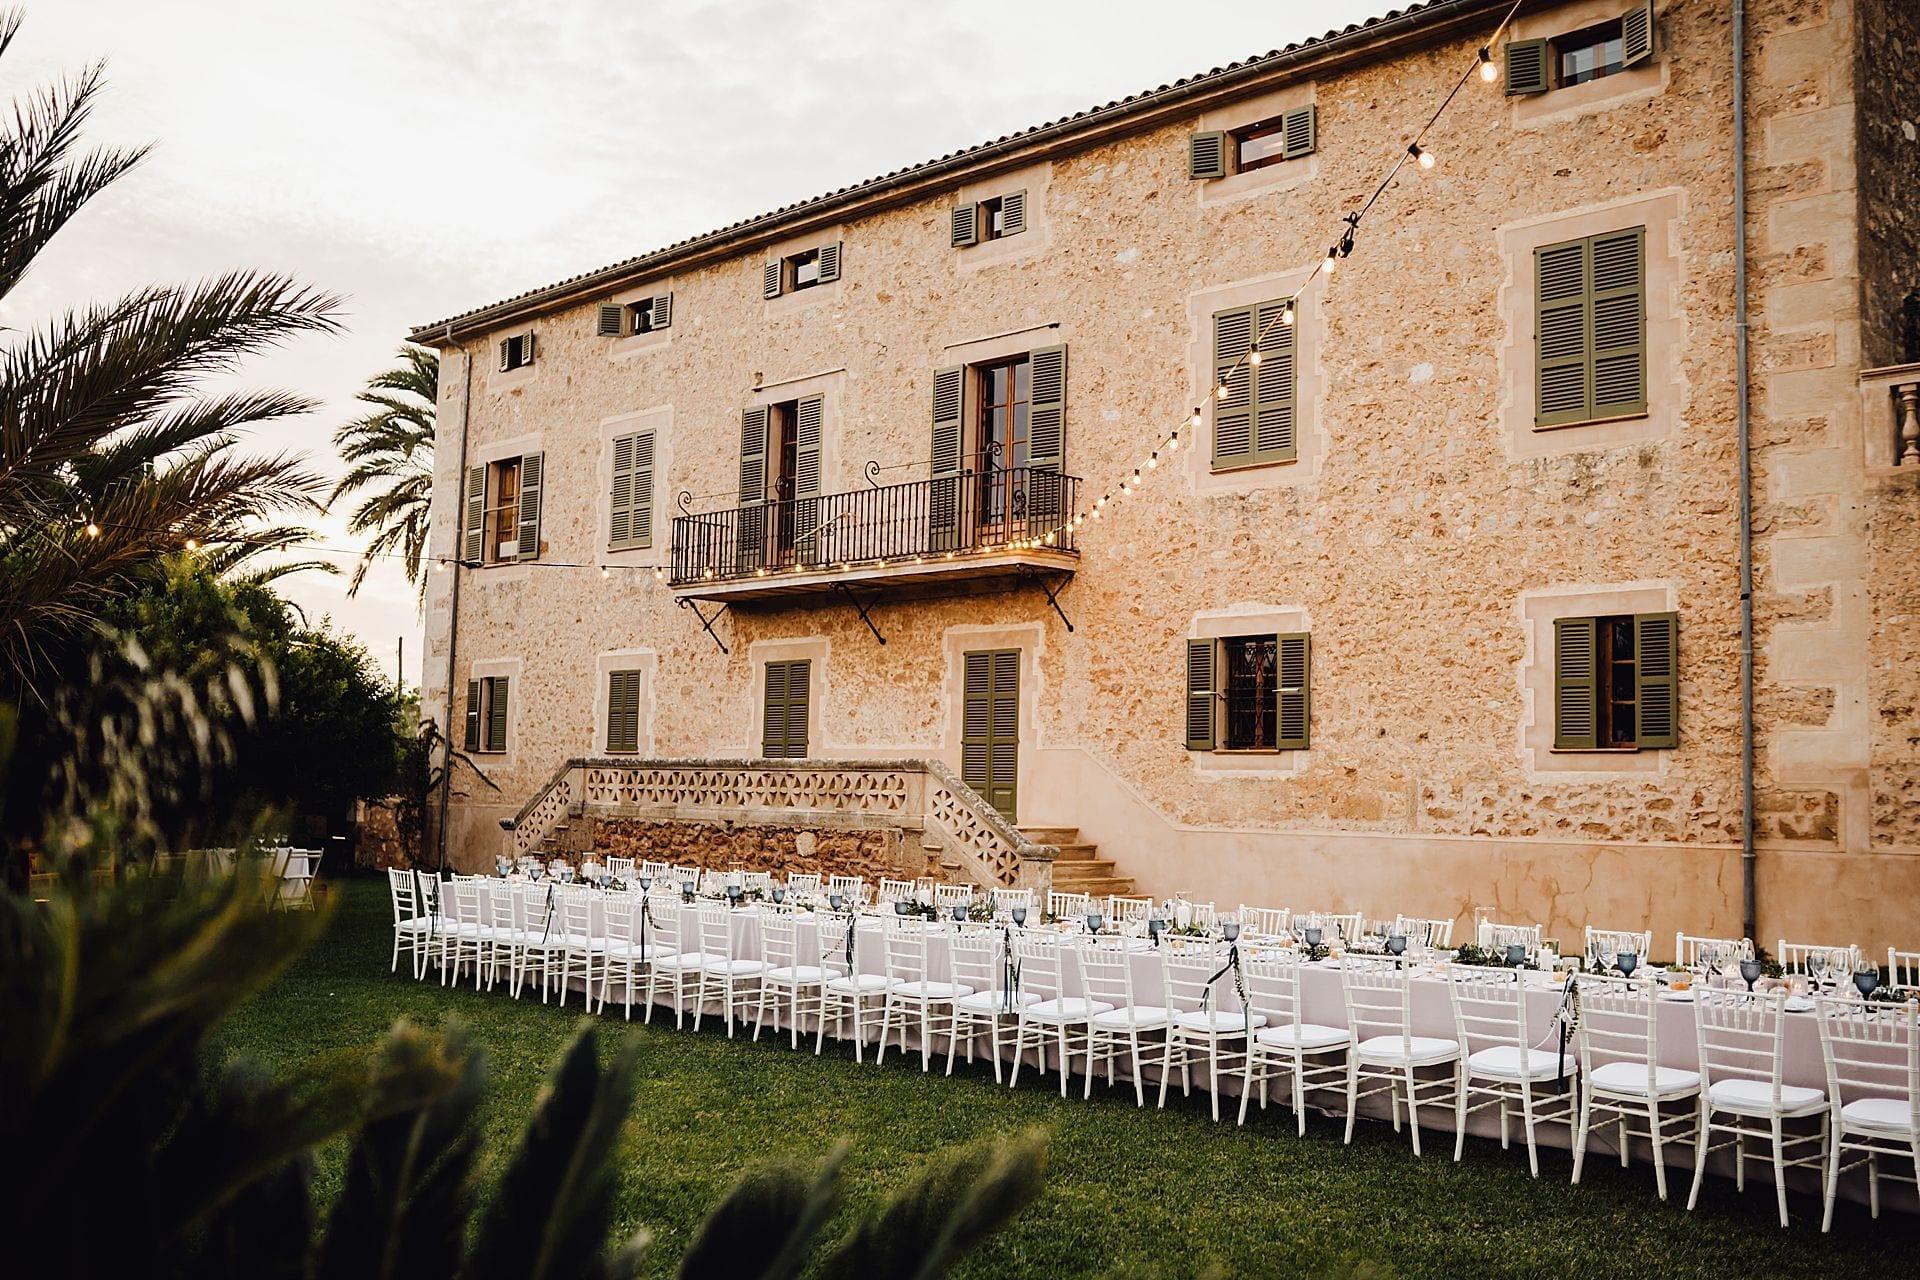 Finca auf Mallorca, geschmückt mit einer Lichterkette, davor Chiavari Stühle.